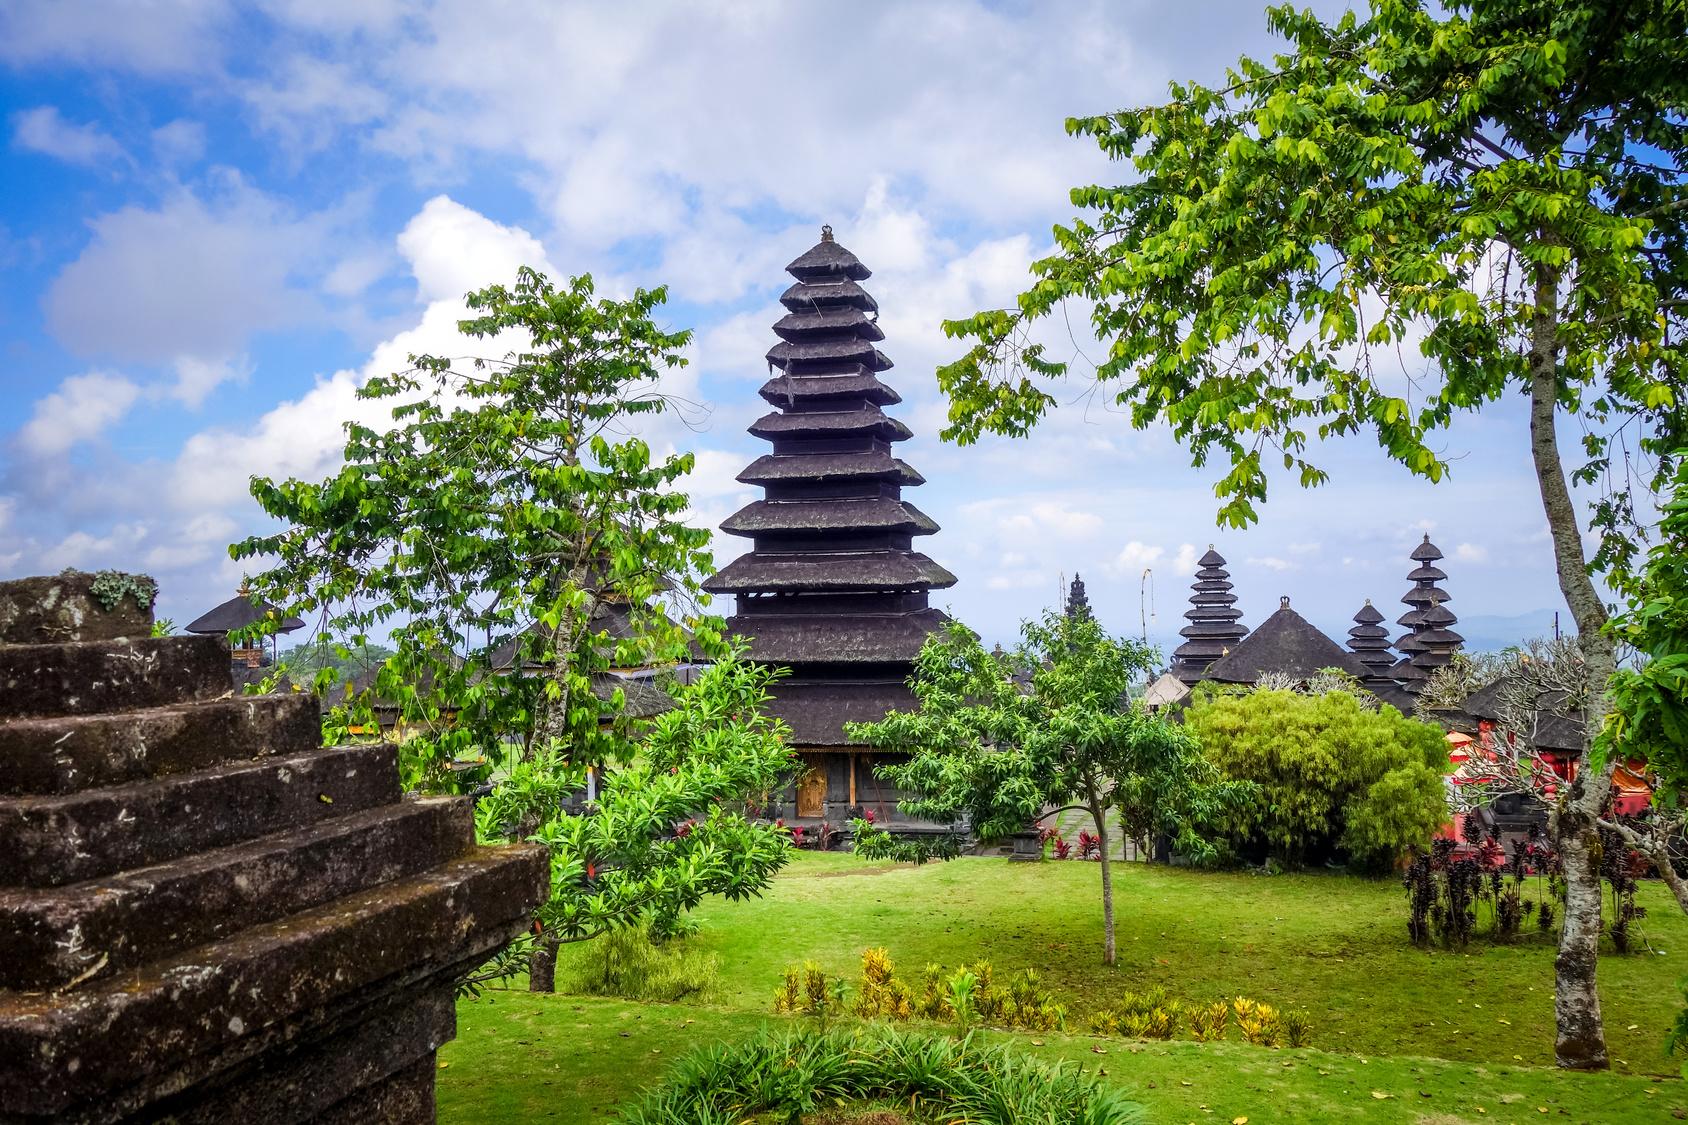 【インドネシア株式投資】尼国の株価指数とおすすめ銘柄を紹介!ネット証券を使い投資を実行しよう。